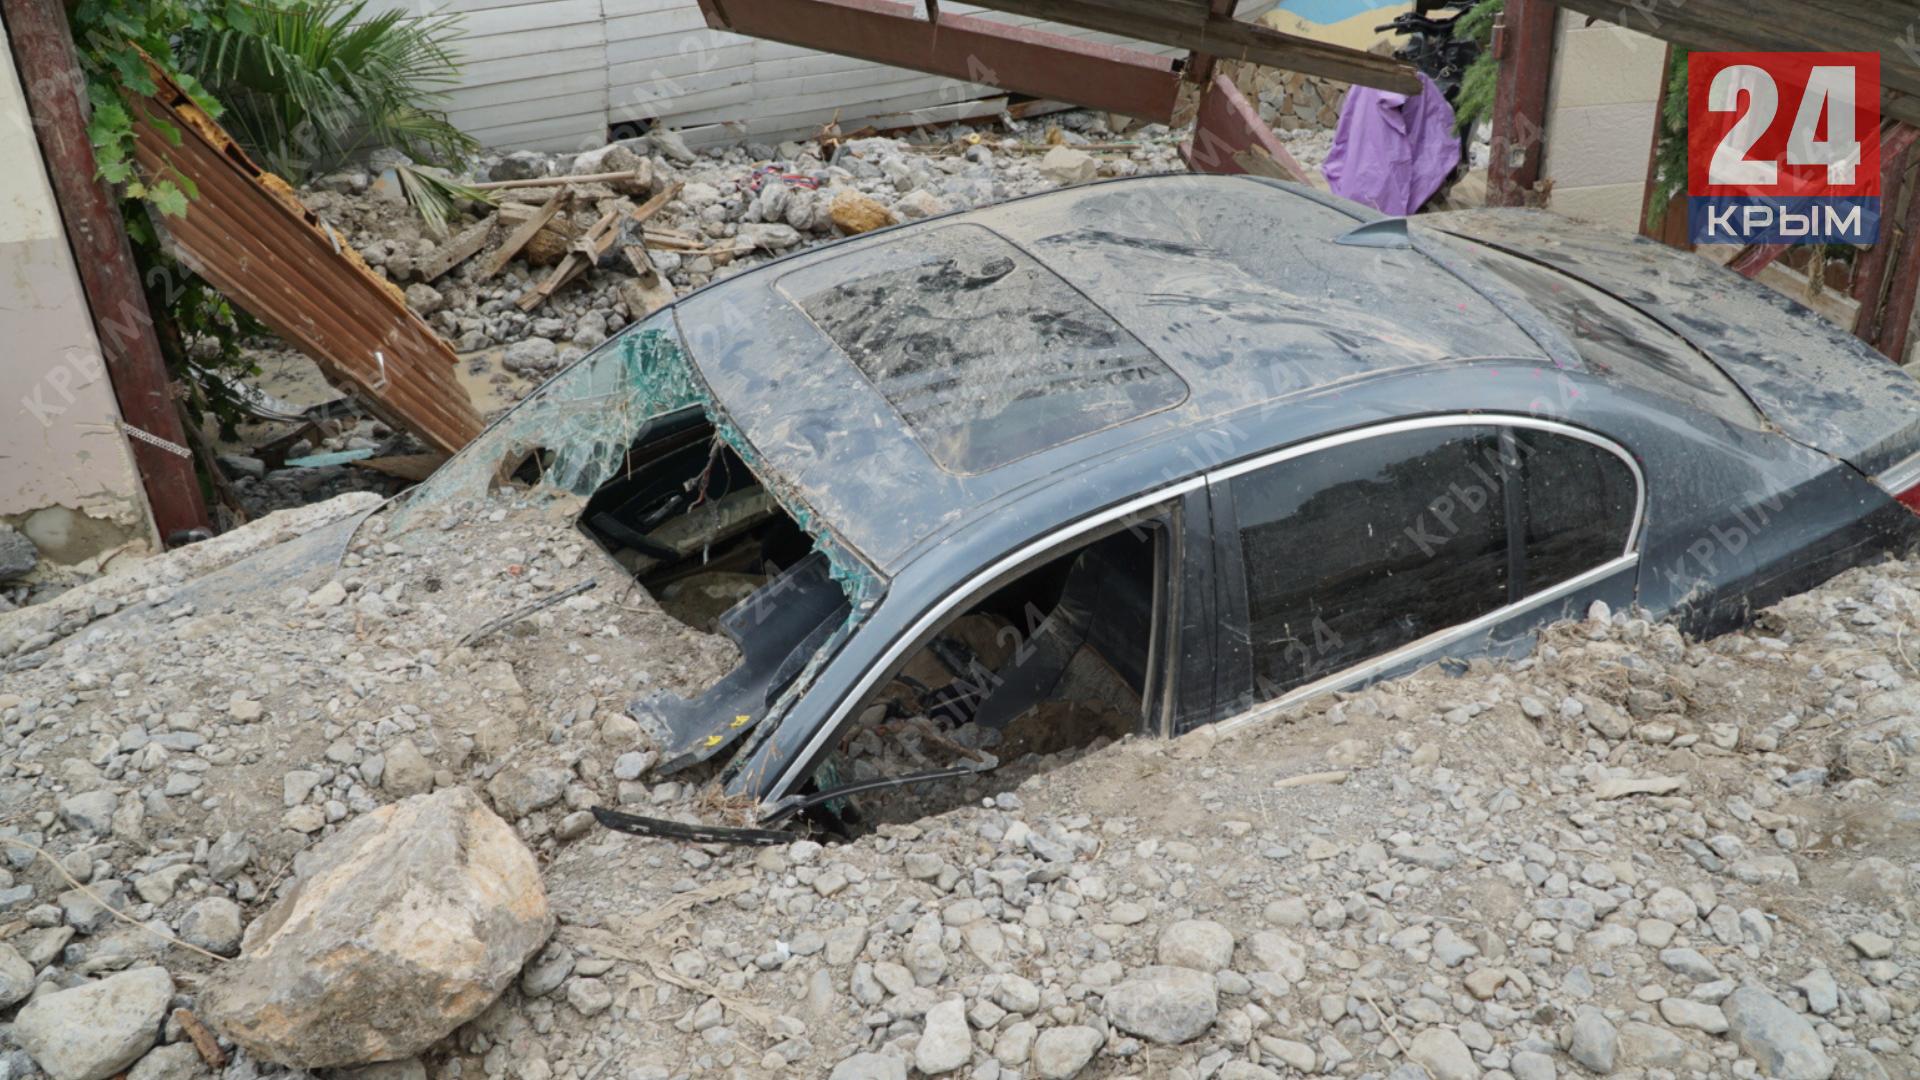 Власти Крыма составили более 800 актов повреждённого имущества из-за потопа